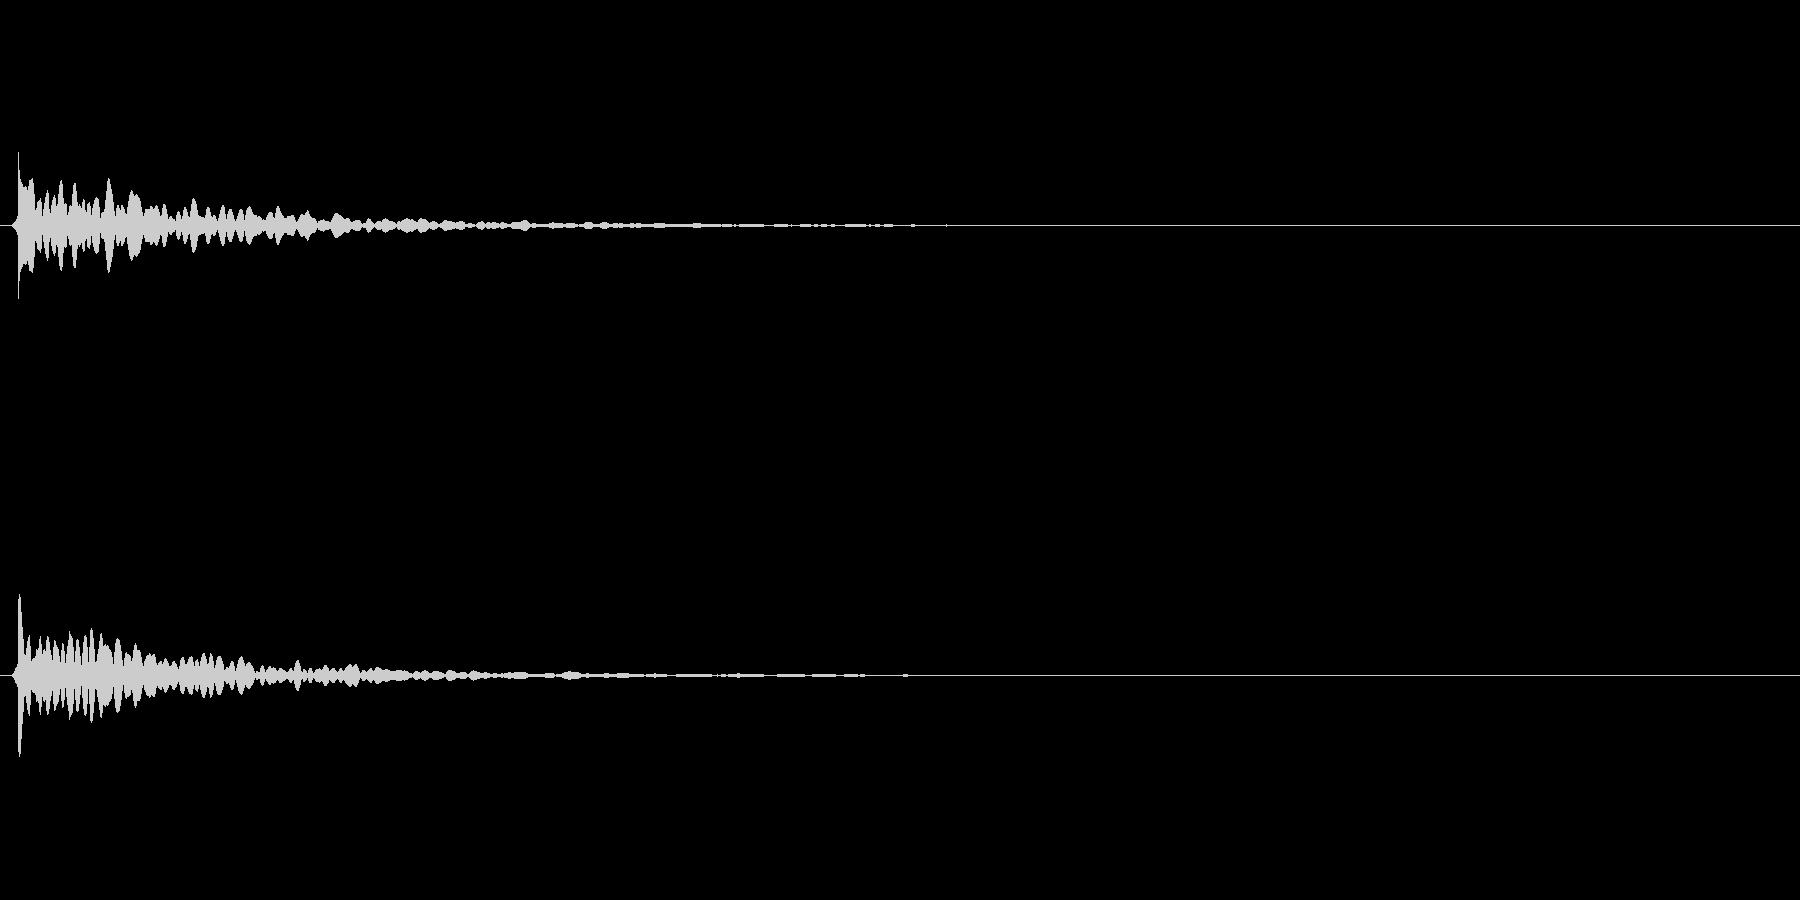 キラキラ系_084の未再生の波形